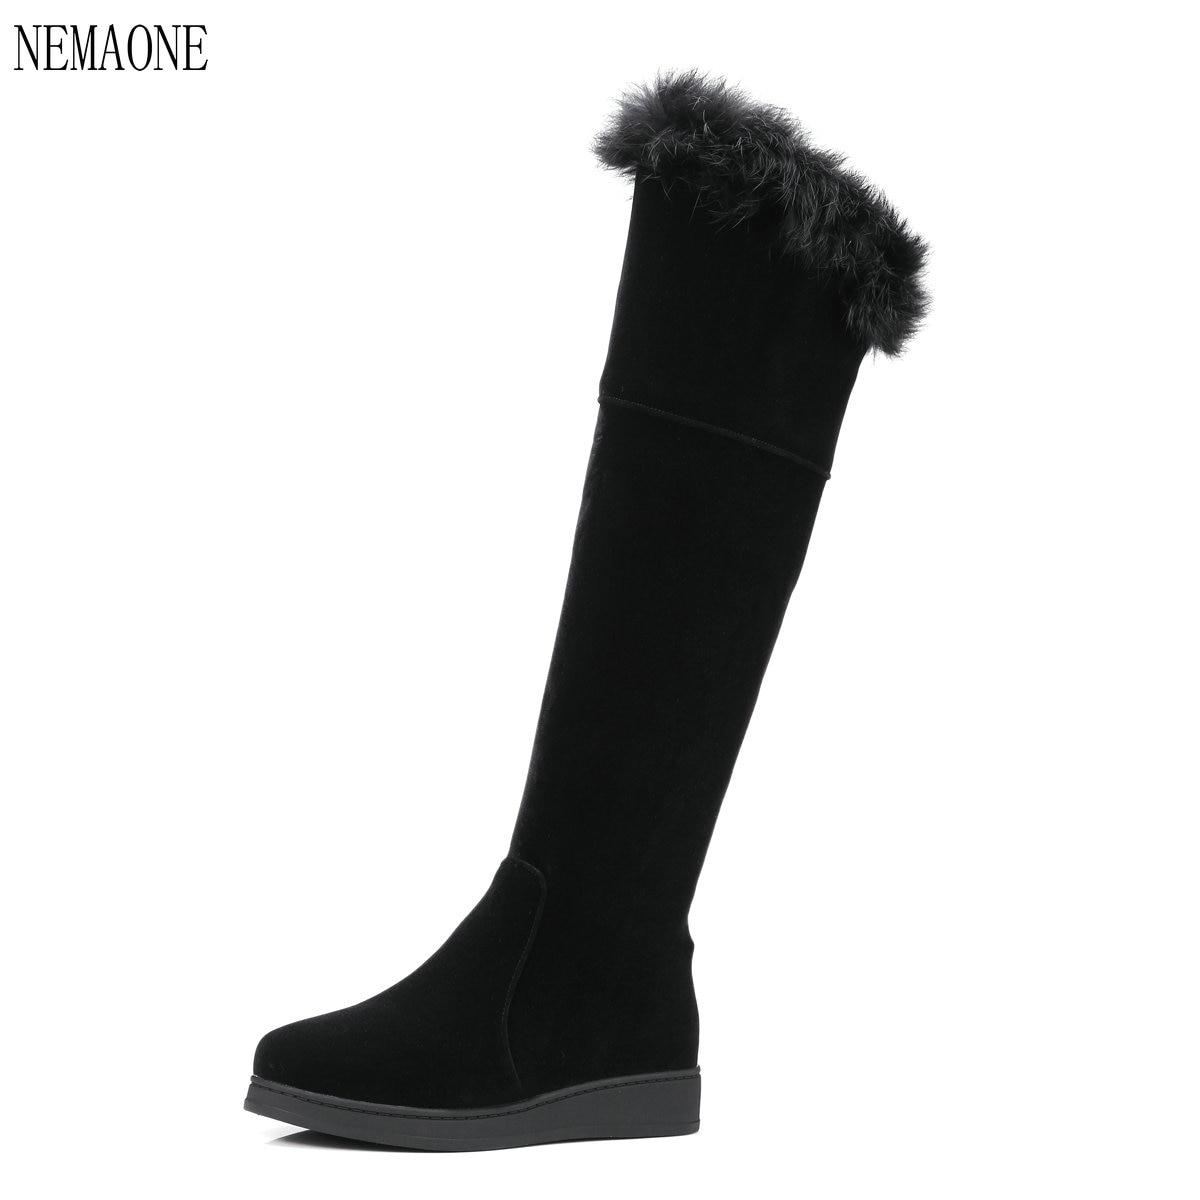 NEMAONE Hiver Femmes sur les Bottes au genou Femelle Étanche Dames Bottes De Neige Filles Chaussures D'hiver Femme En Peluche Semelle Botas Mujer